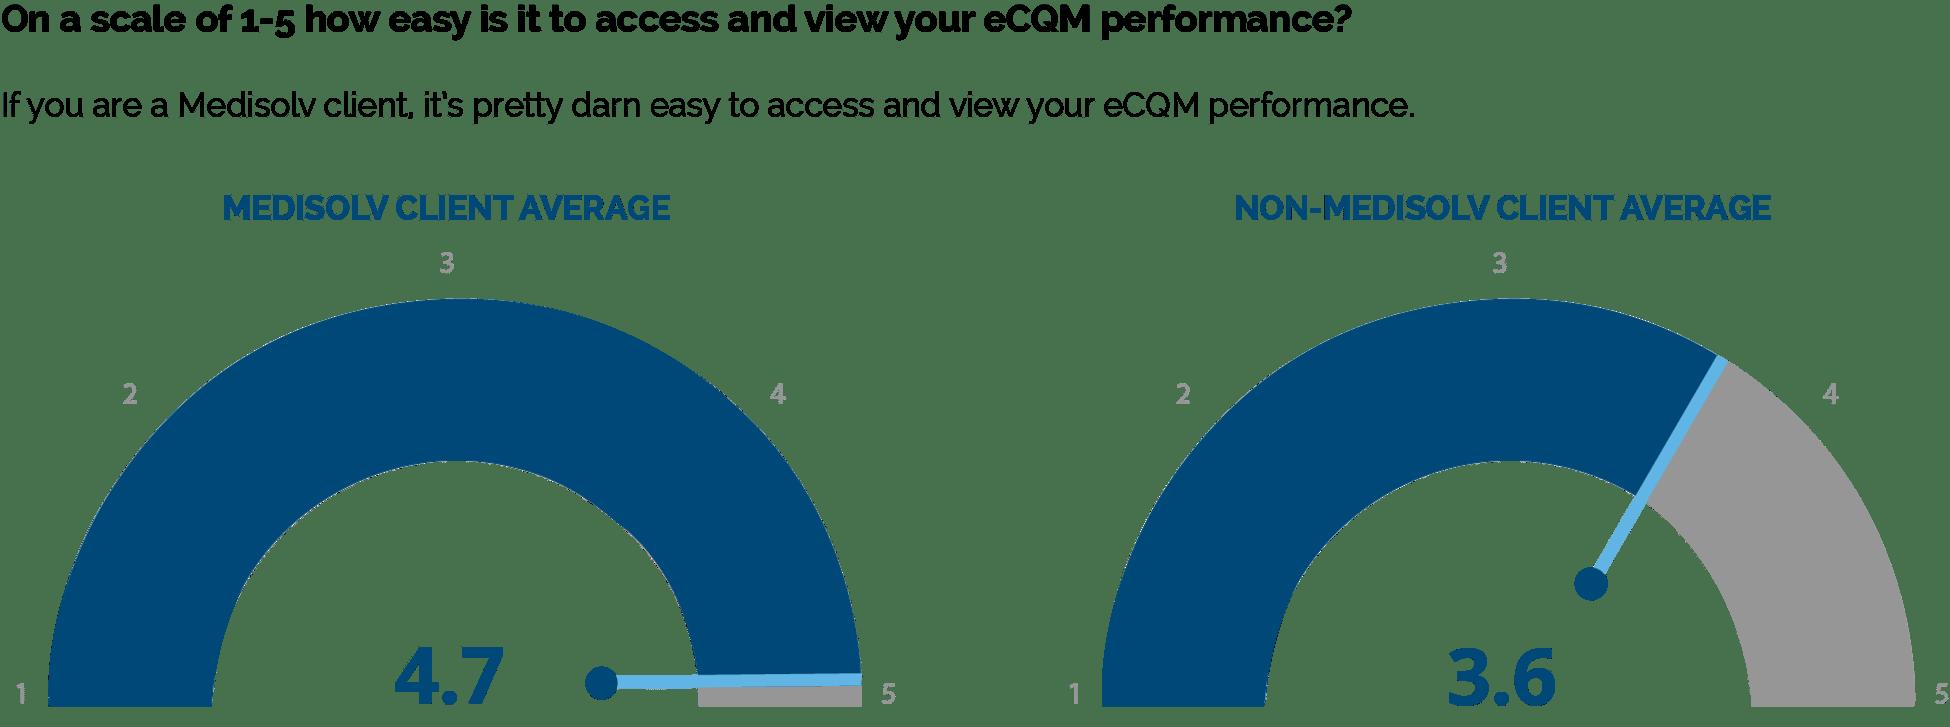 Access-eCQM-Performance-Comparison-1